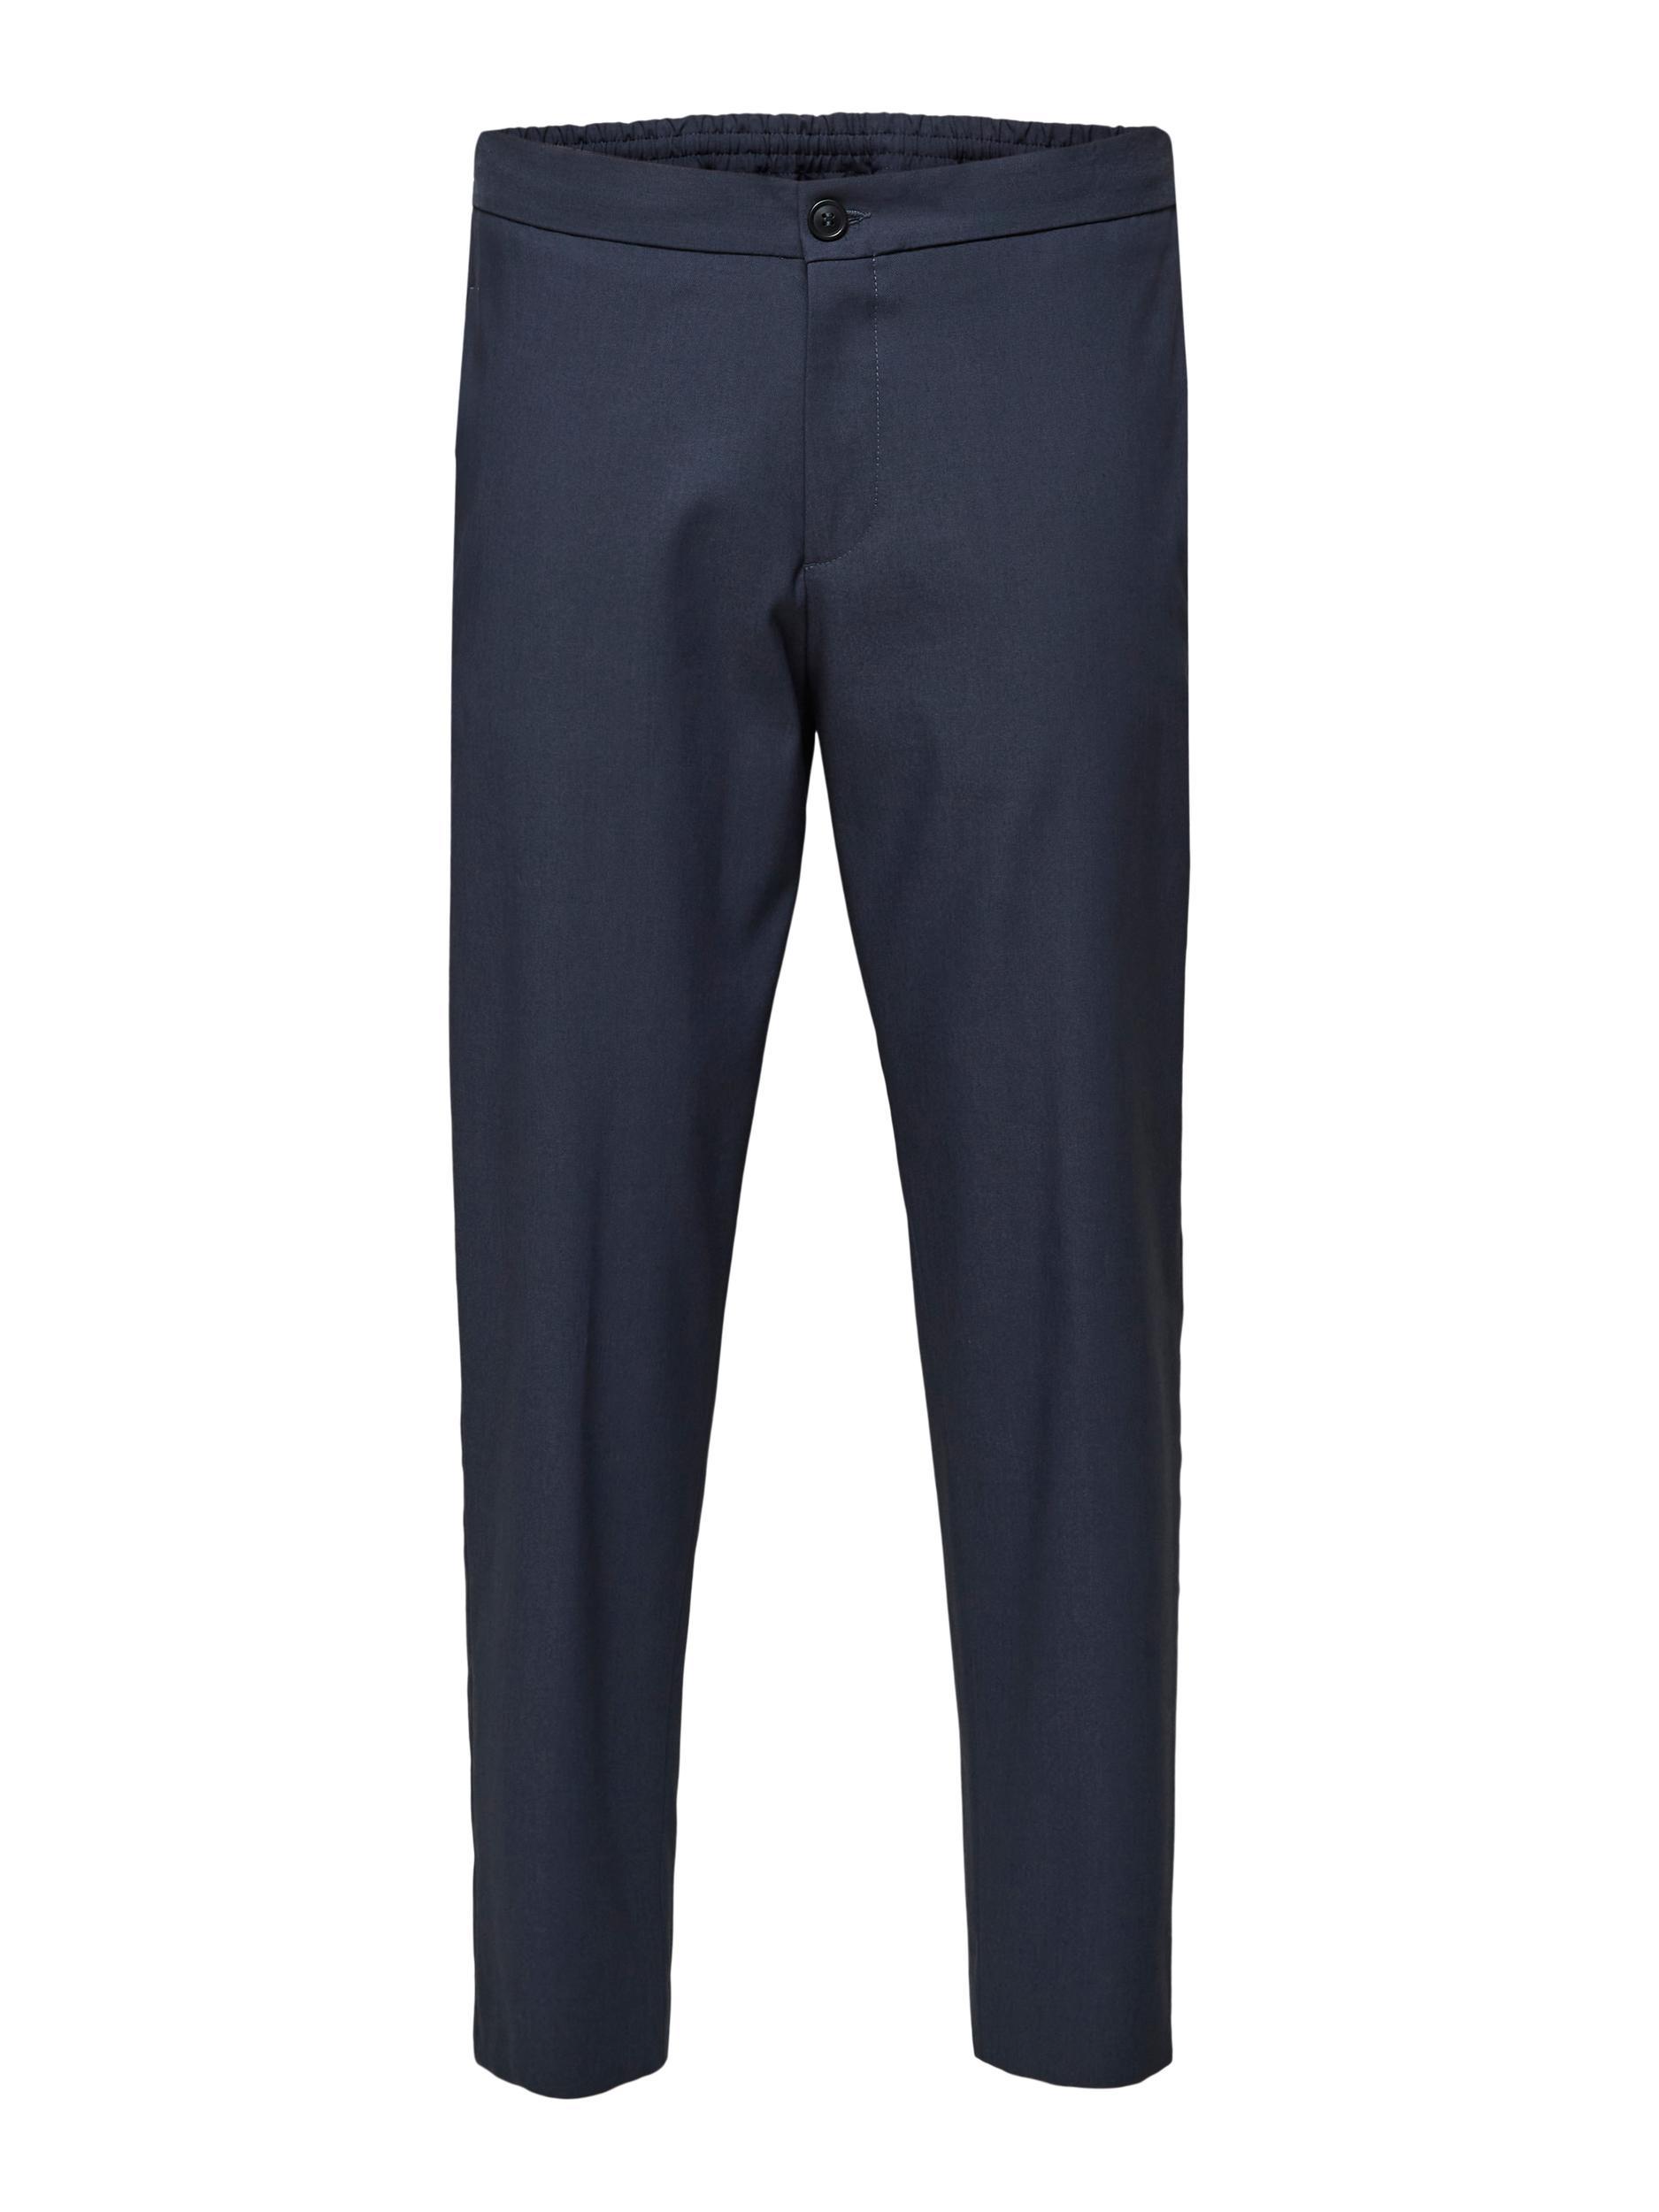 Selected Homme Slimtape-Dann bukser, navy blazer, 32/32